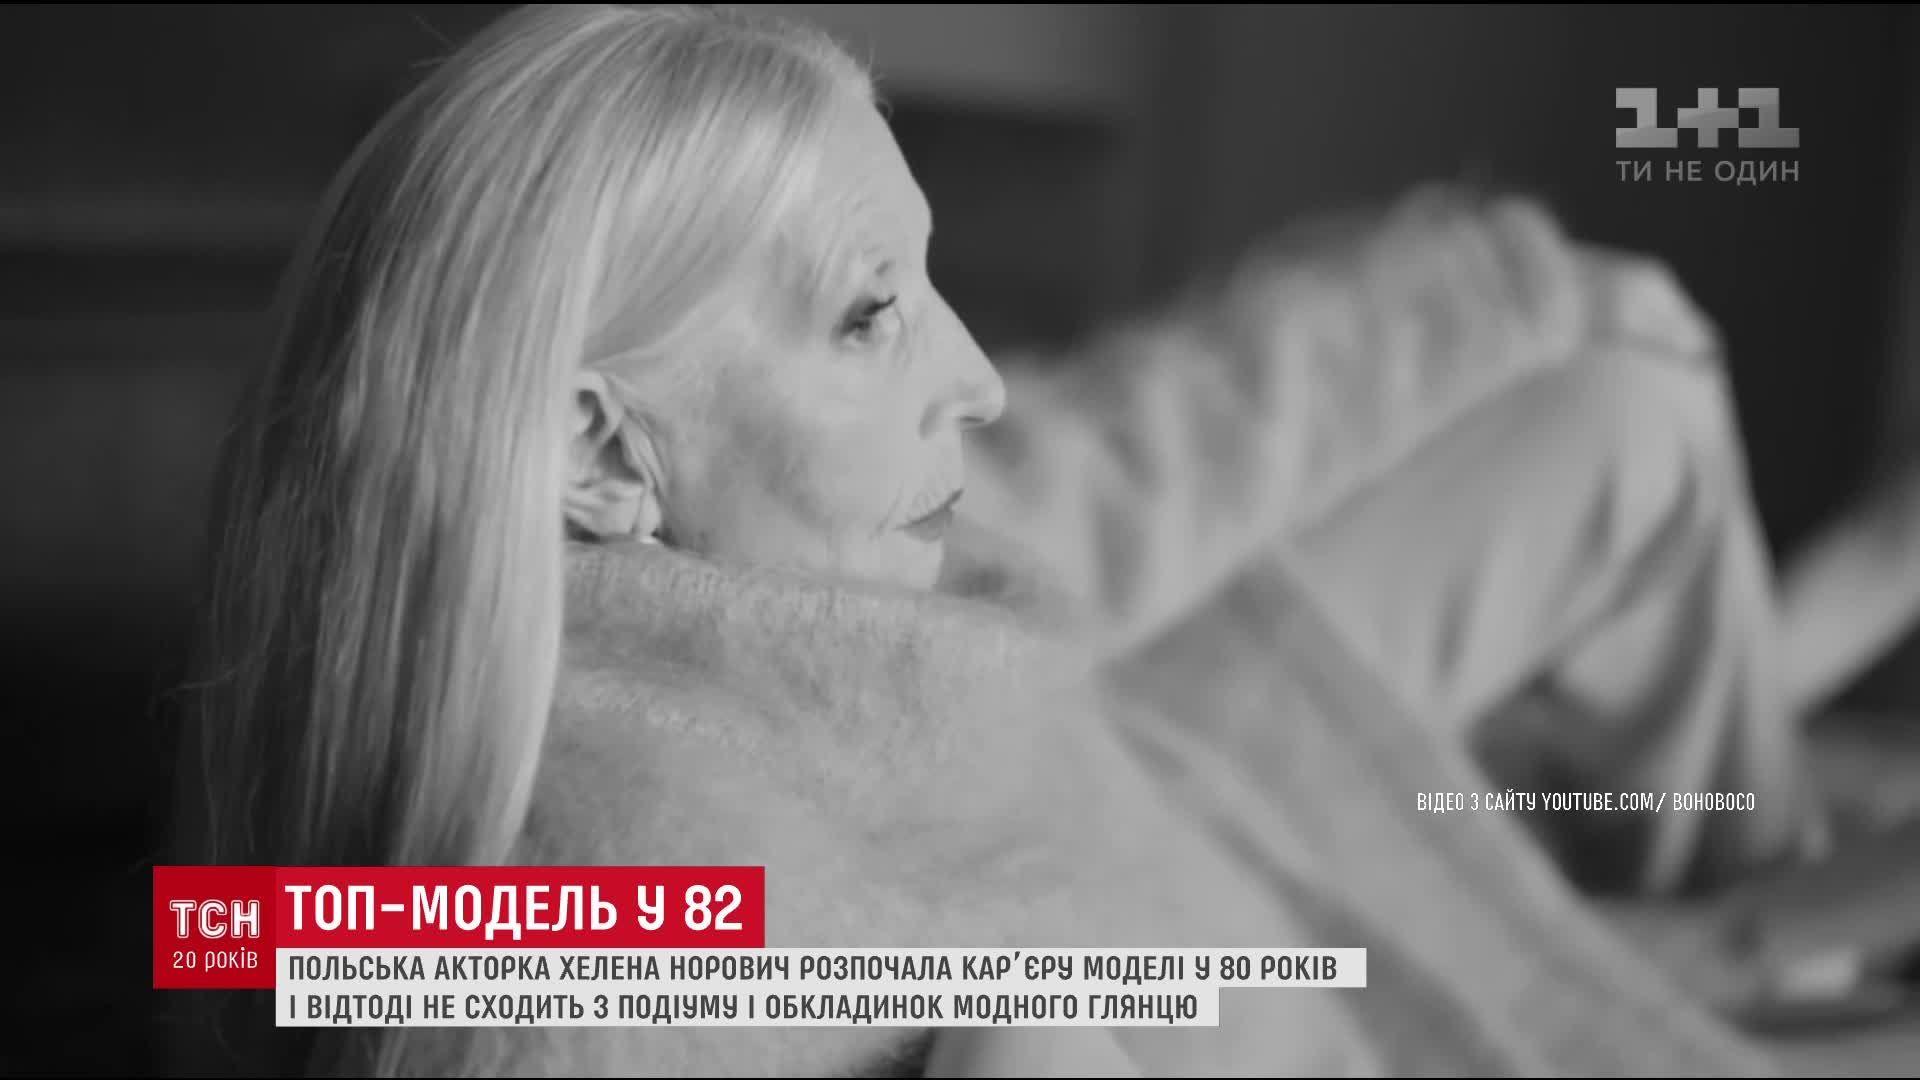 ВПольше 82-летняя пенсионерка стала топ-моделью